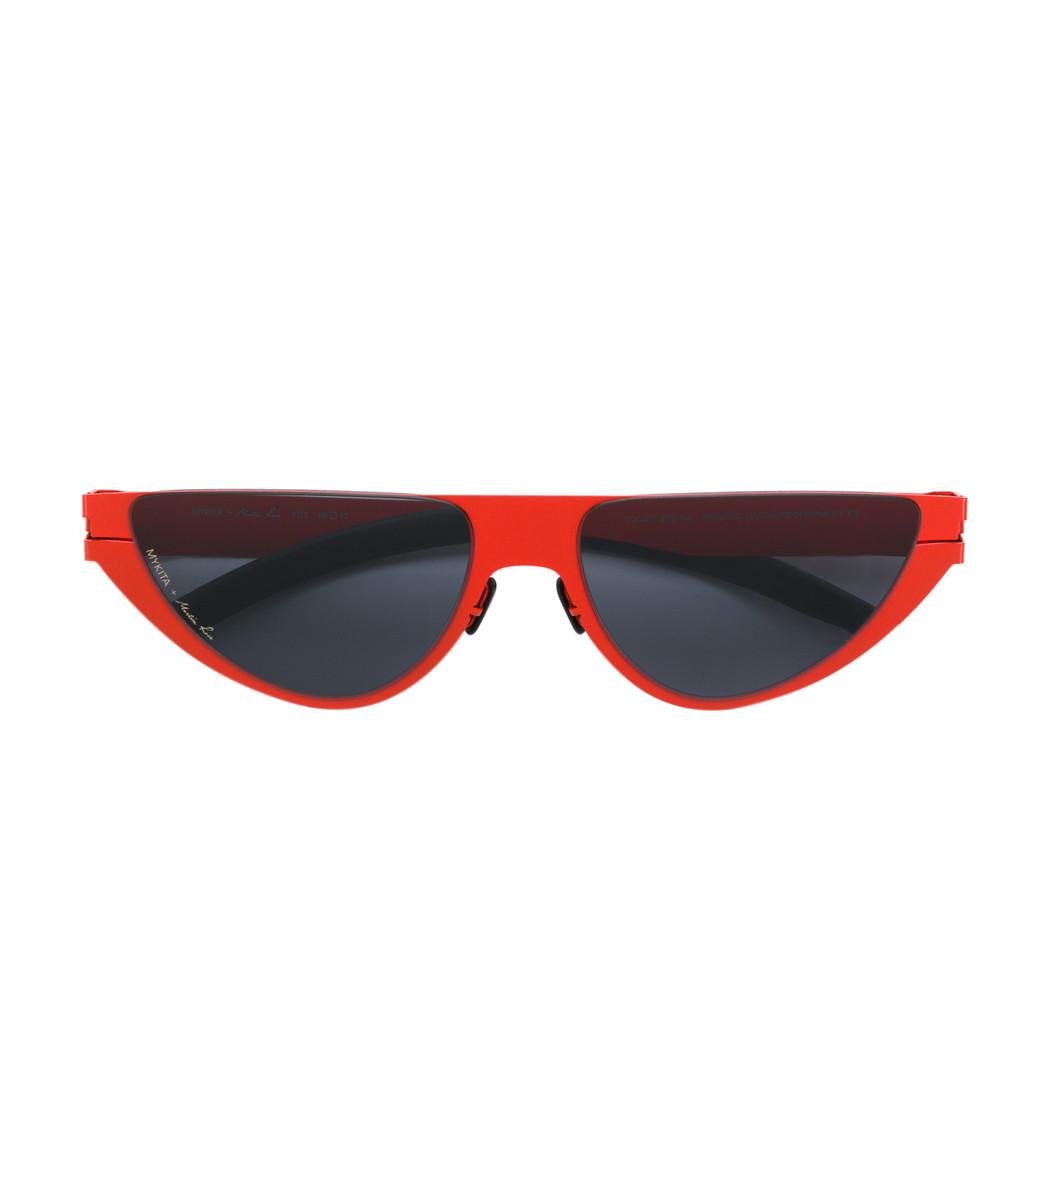 MYKITA Red X Martine Rose Kitt Cat Eye Sunglasses